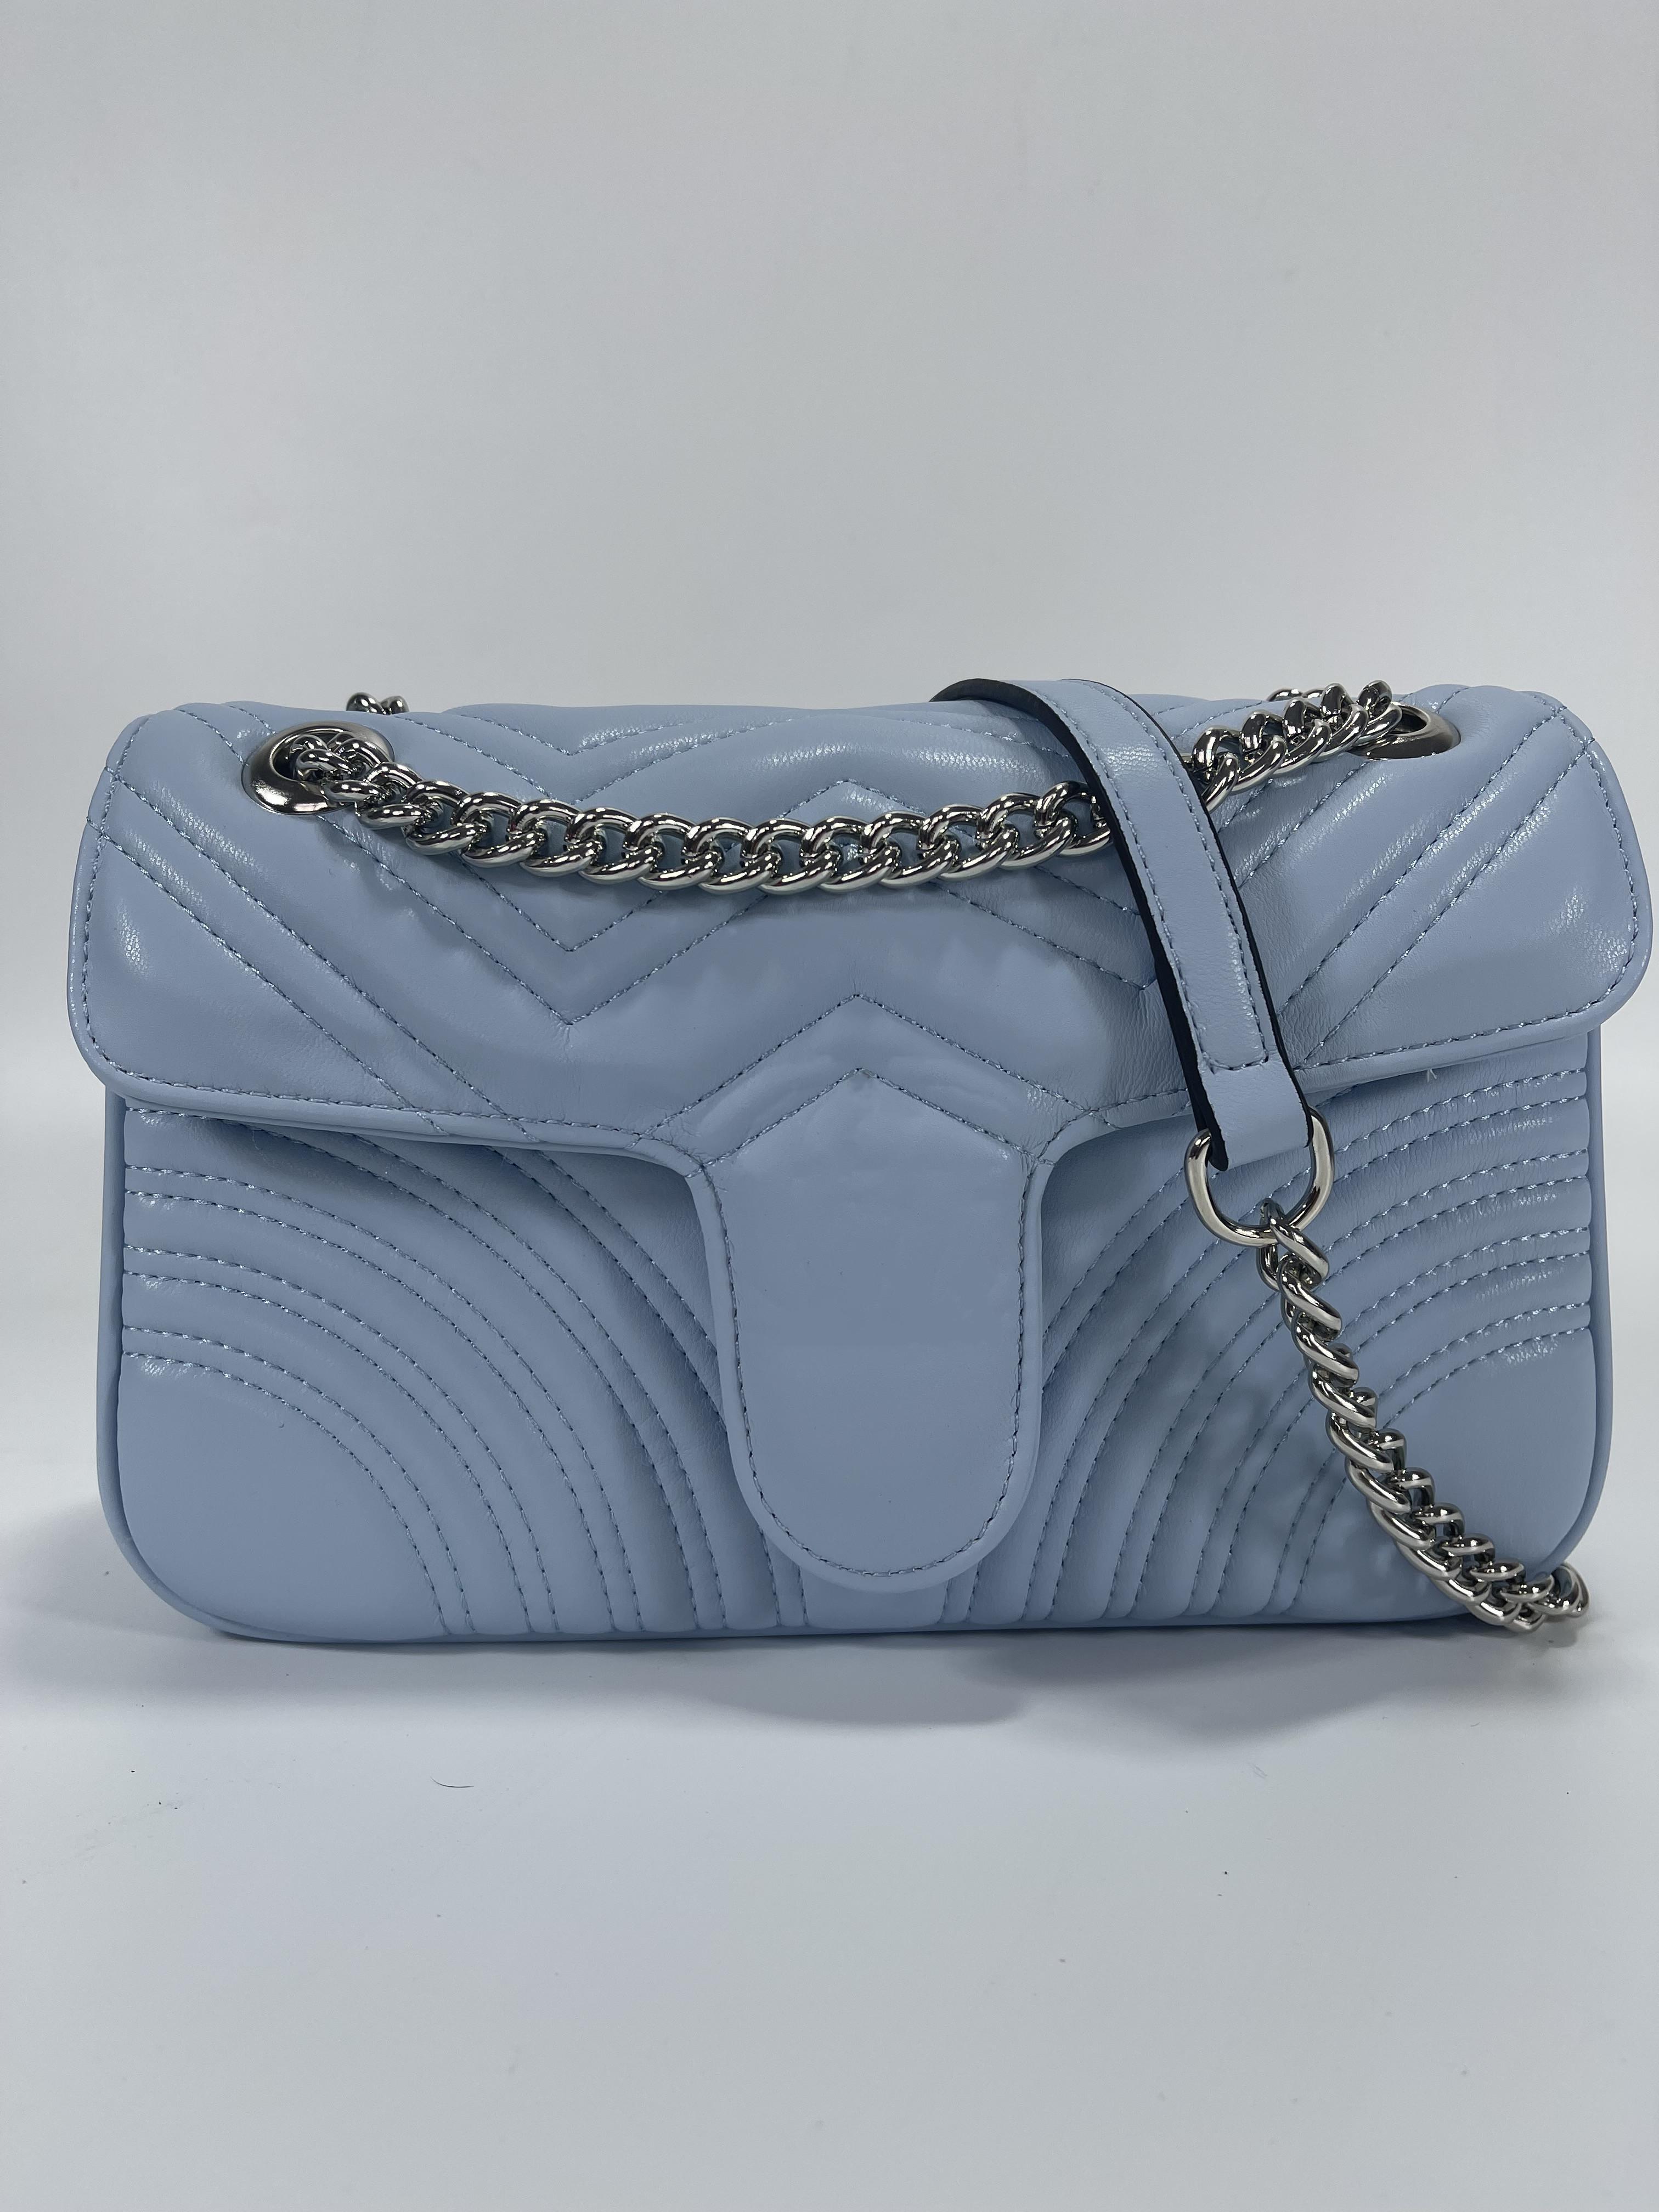 Hohe Qualität Mode Marmont 26 cm Umhängetaschen Leder und Samt Tote Kette Tasche Frauen Kreuz Körper Handtasche Geldbörse